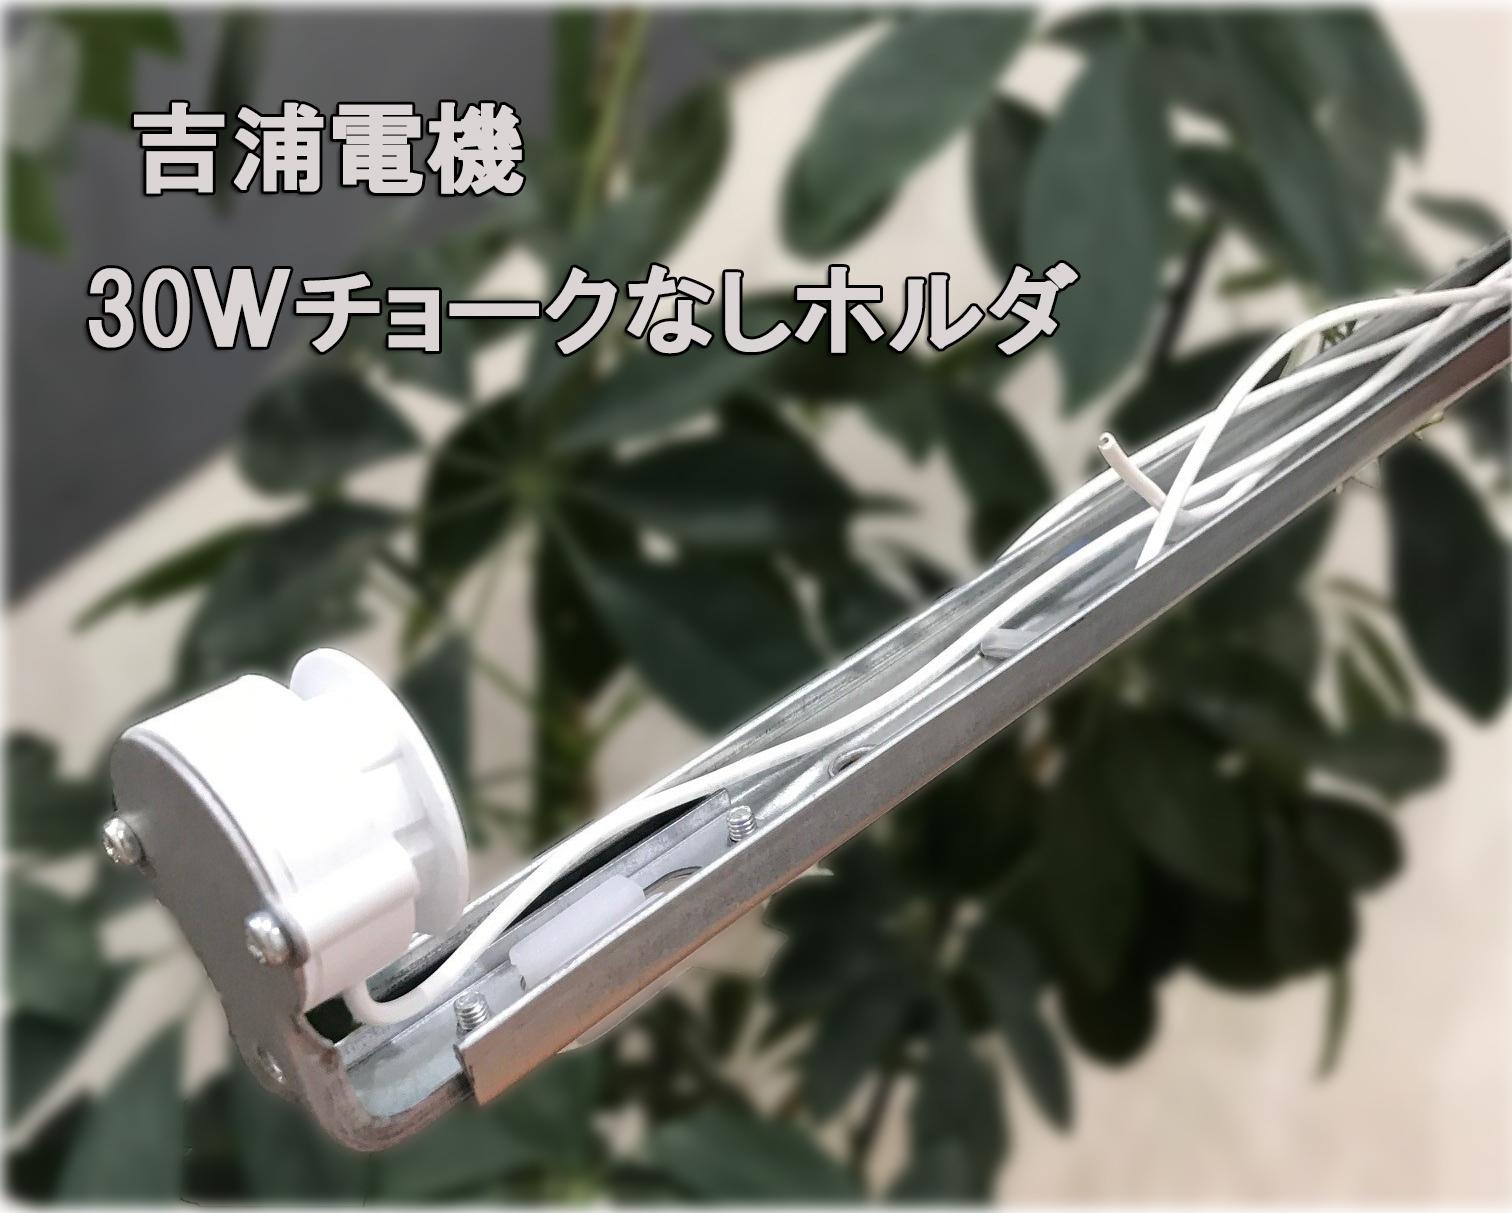 【吉浦電機】LED直管ランプ使用に最適 30Wチョークなしホルダー G13口金 両側リード線 安定器なし《片側・両側どちらの給電にも対応可能》